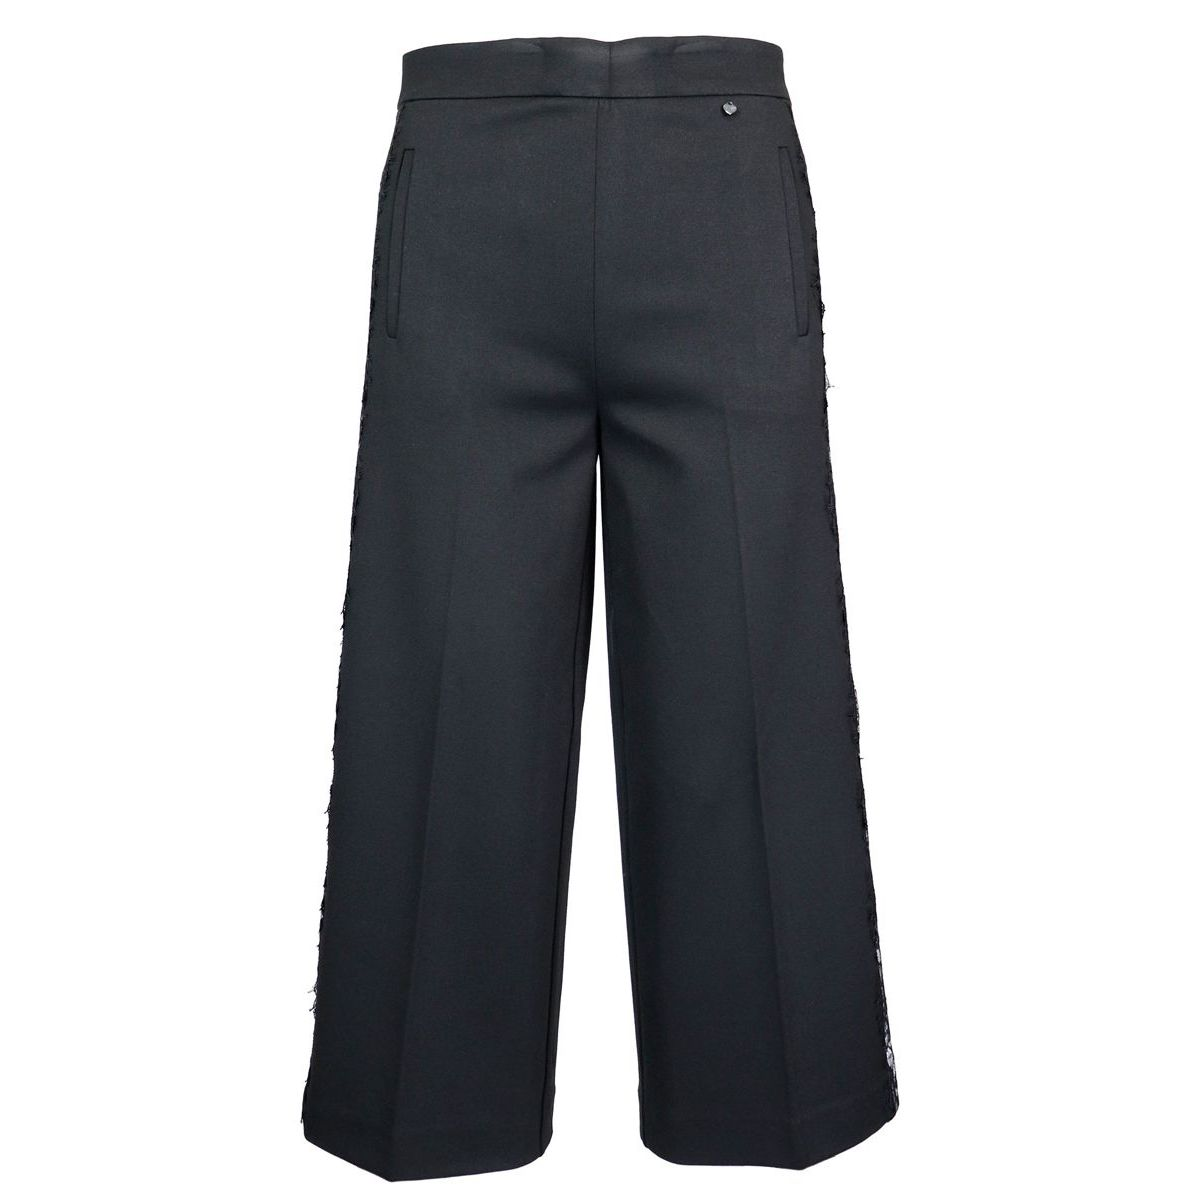 Pantalon court avec bandeau contrastant en dentelle Noir Twin-Set